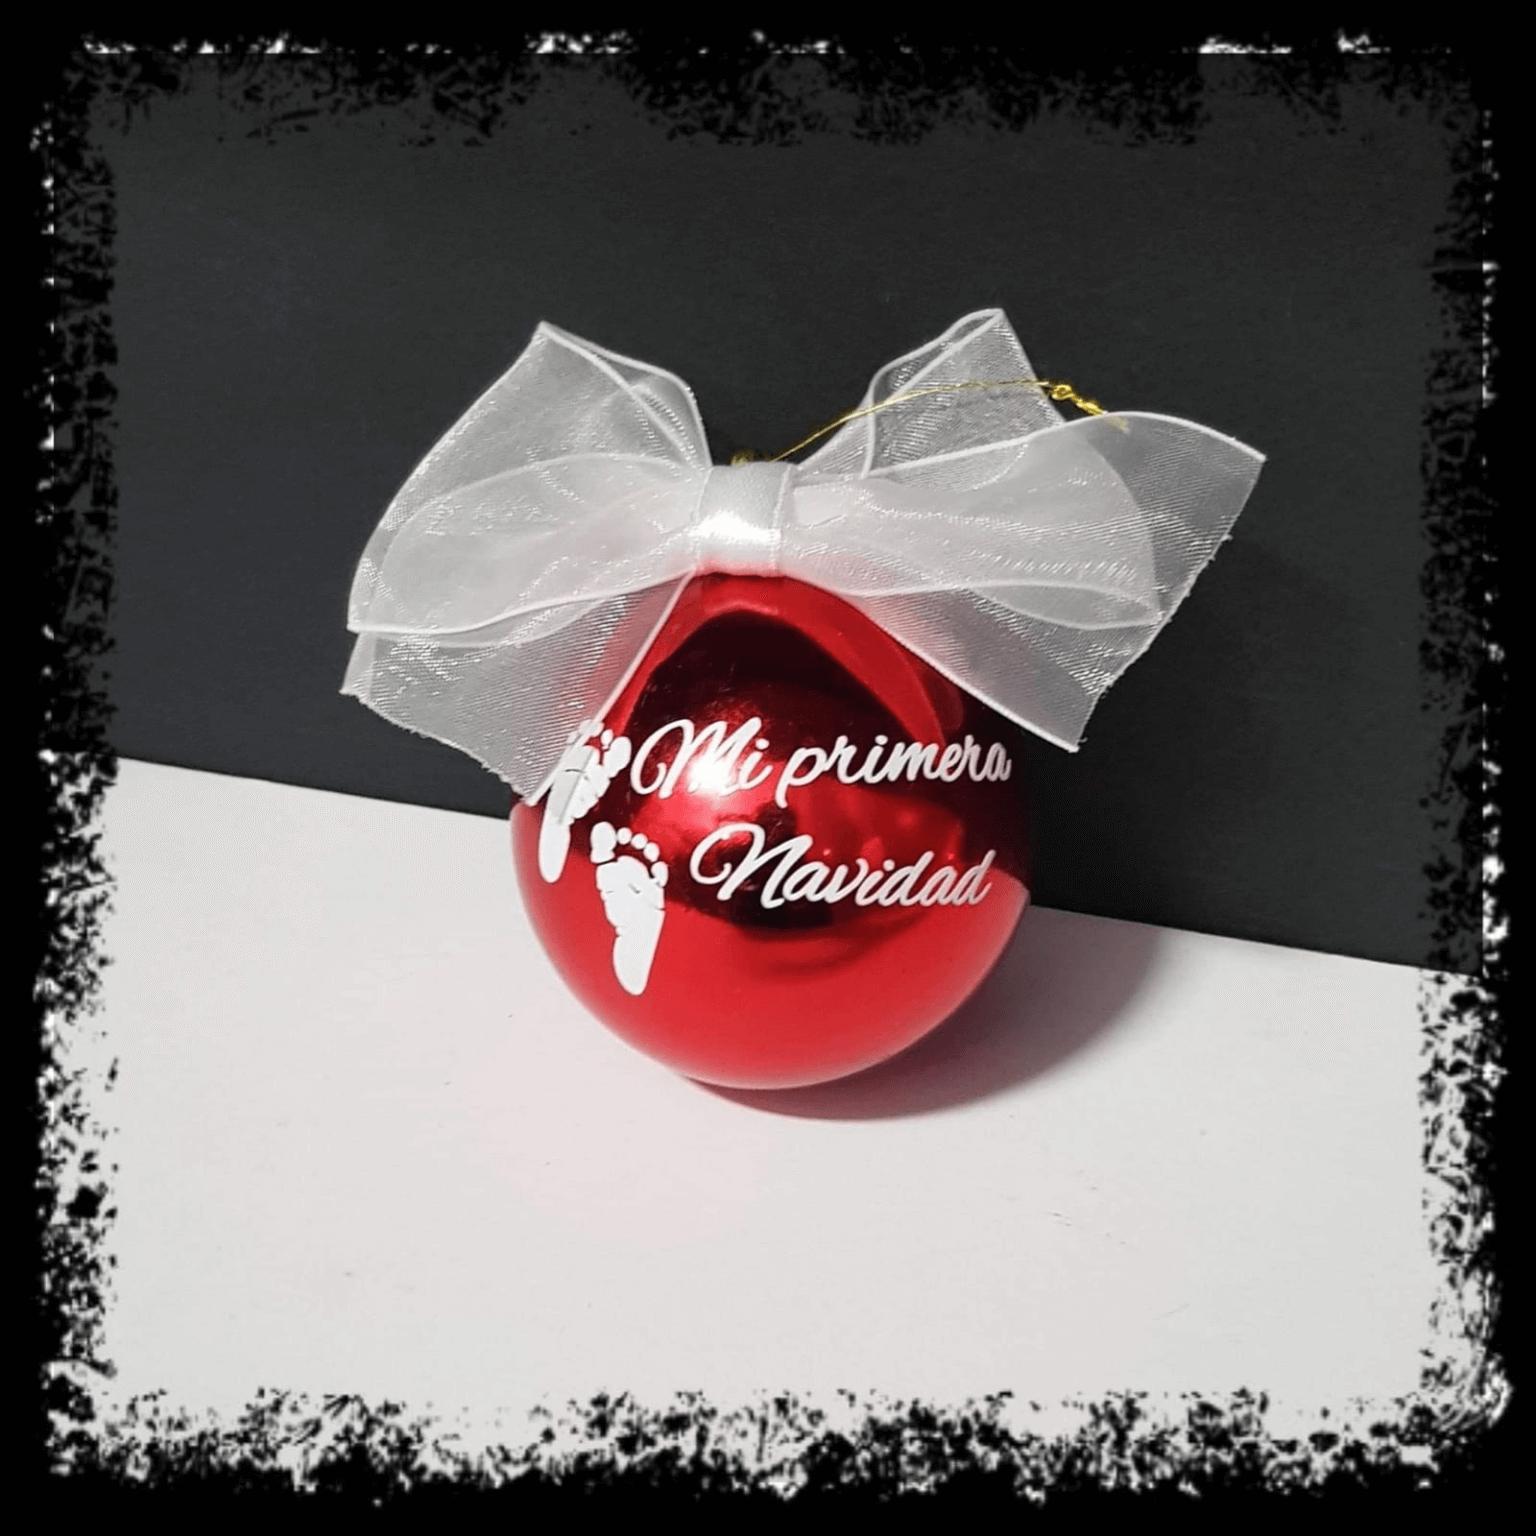 bolas de navidad personalizadas regalos personalizados bolas de navidad personalizadas - bolas de navidad personalizadas regalos personalizados porlanovia 2 - bolas de navidad personalizadas regalos personalizados